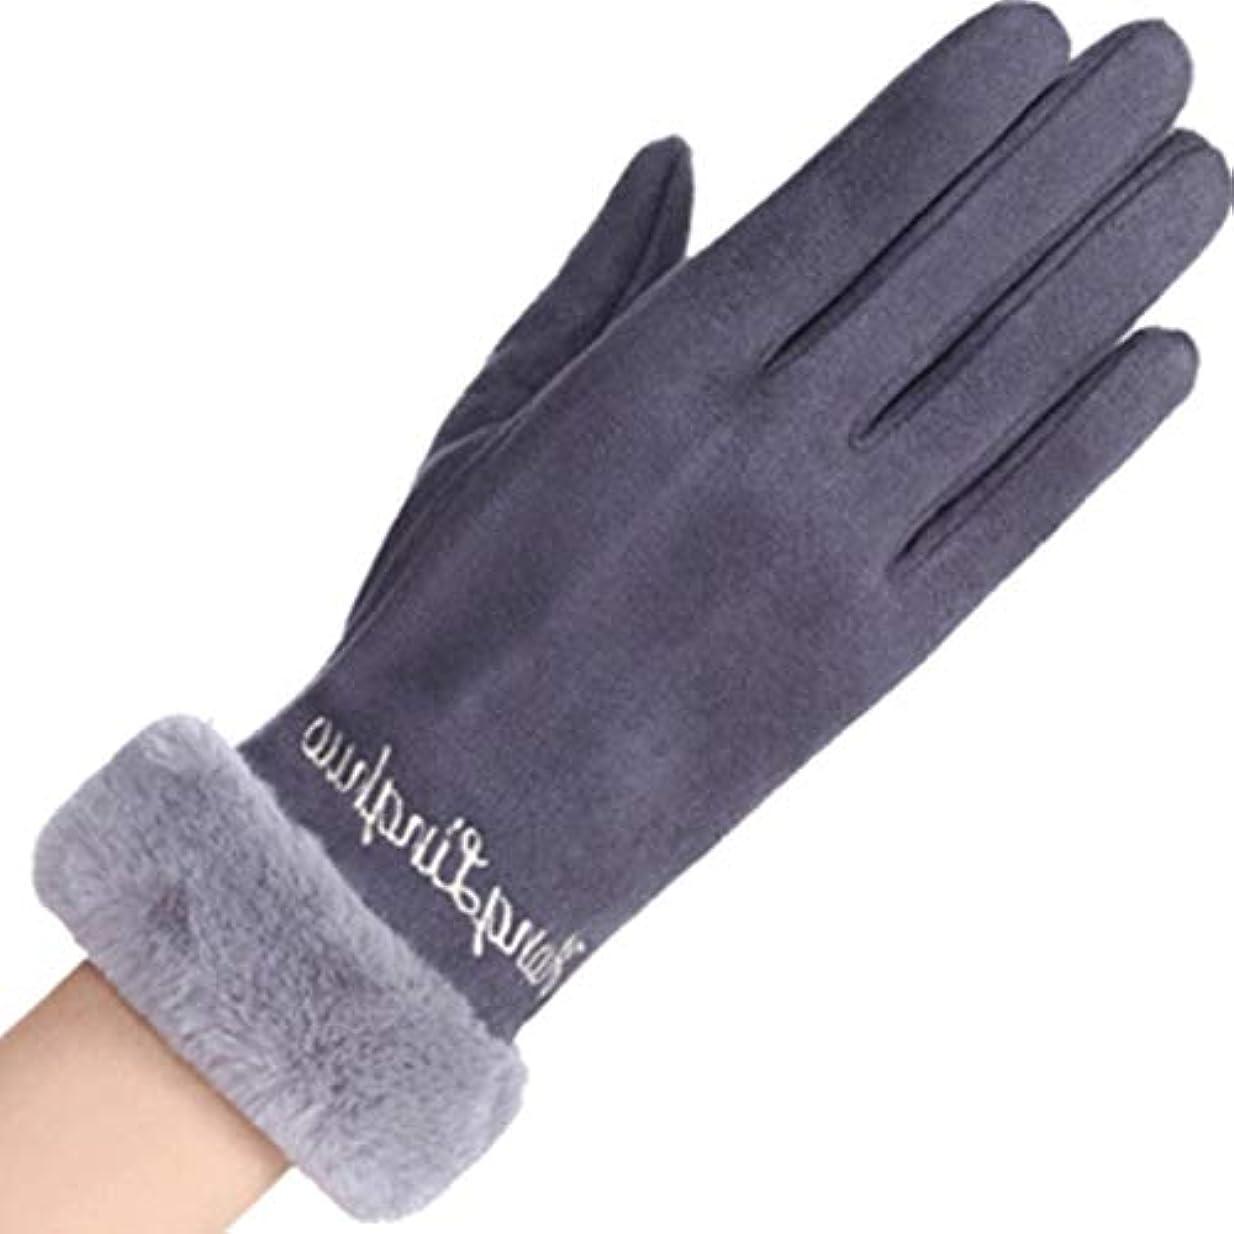 強制的ブルーベルピカソ手袋の女性の暖かいタッチスクリーンの携帯電話春と秋の冬の防風レターレディースウール手袋黒灰色の粉 (色 : Gray)